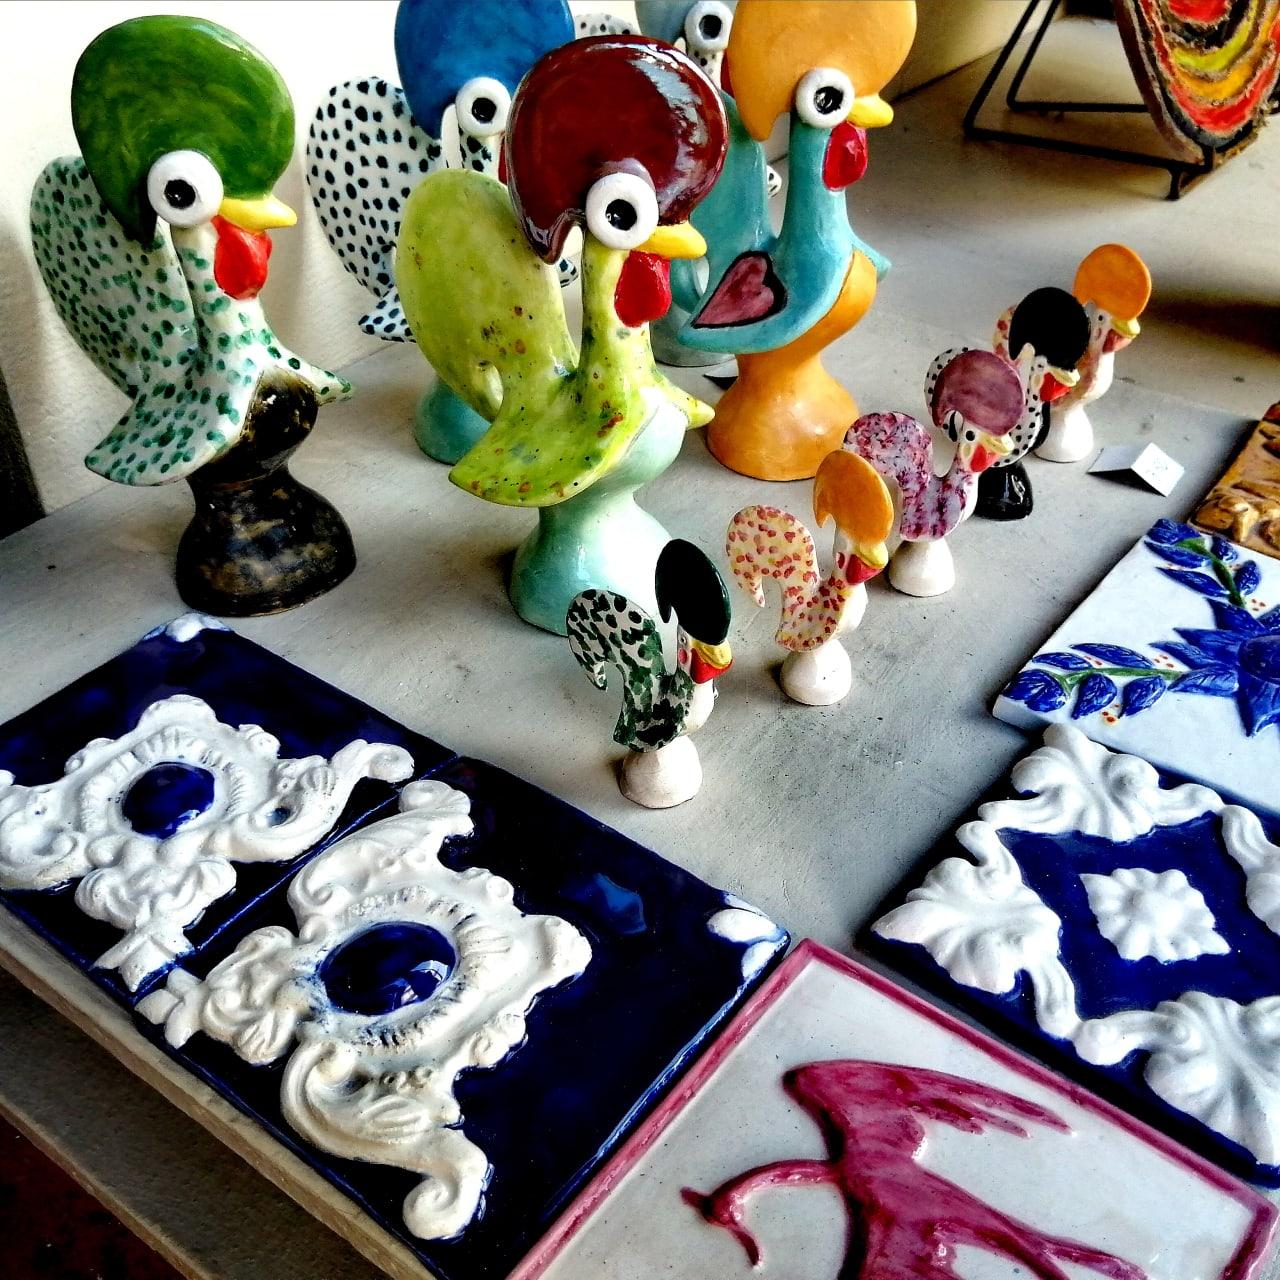 Gaia - Let's do Ceramics together?